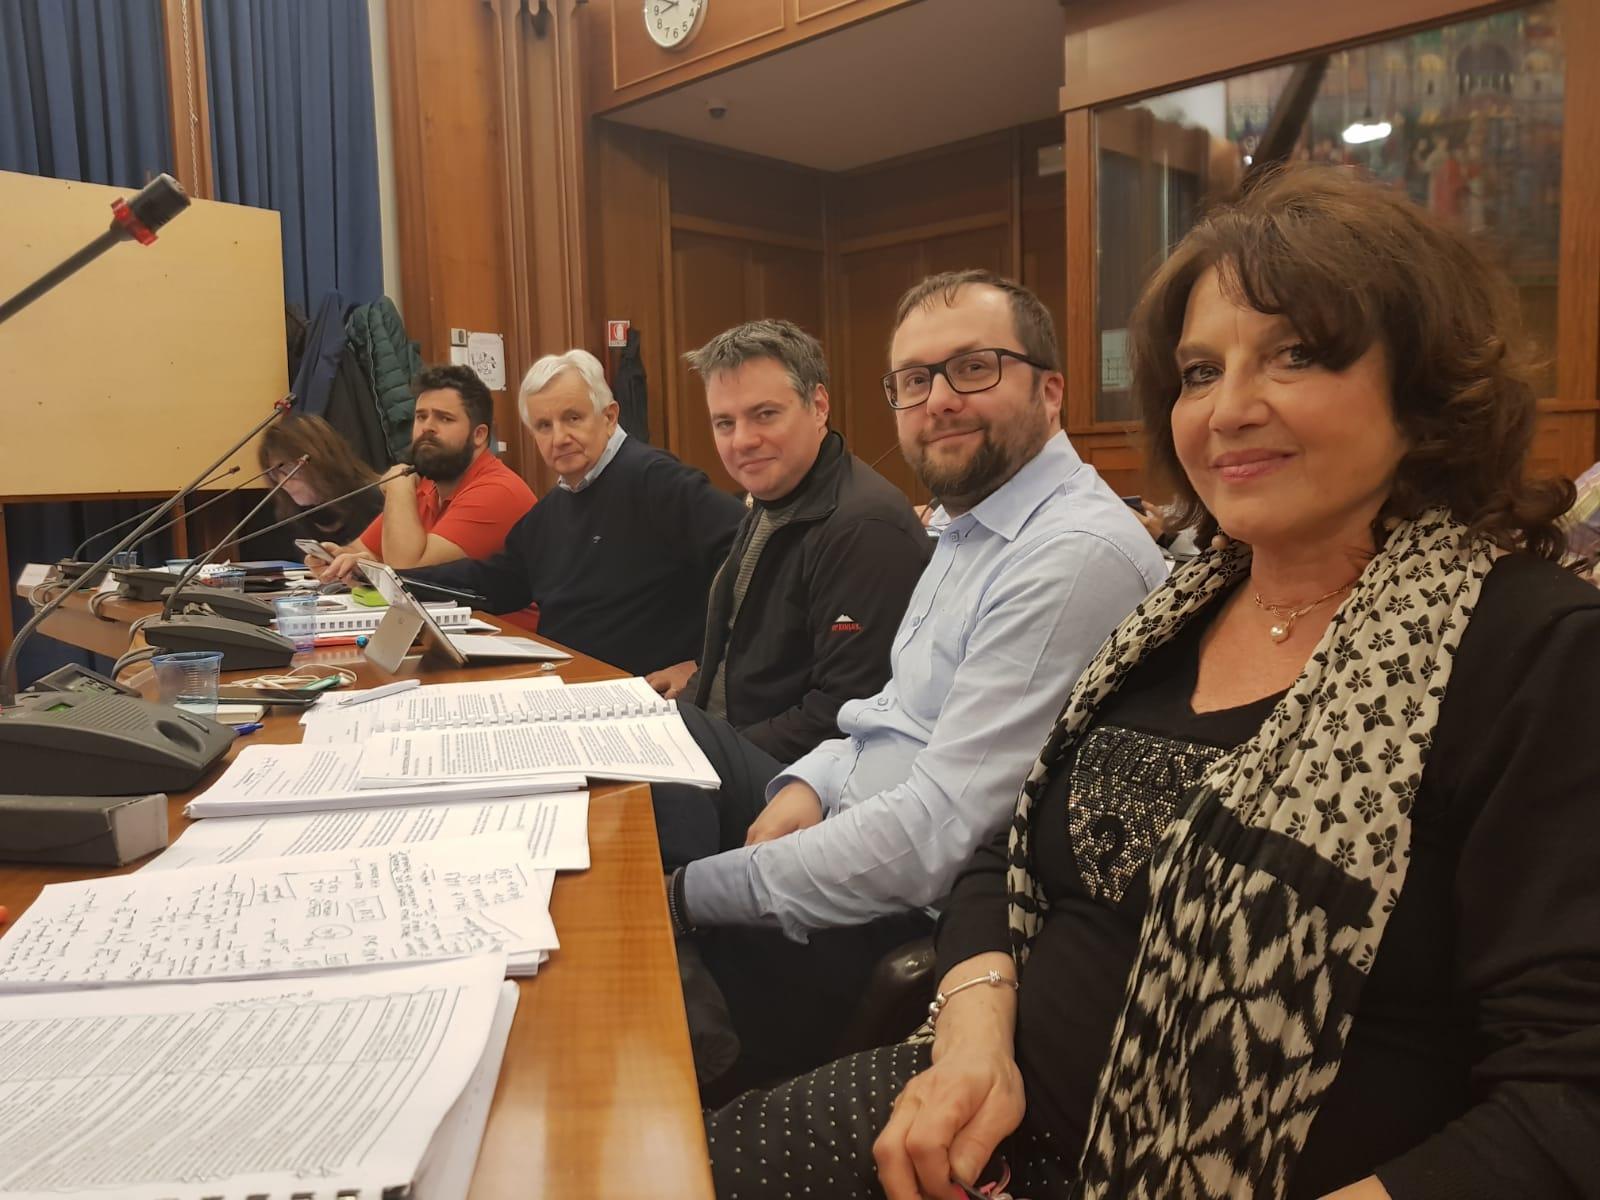 Nuove spaccature nel centrodestra goriziano. Il PD lascia i lavori consiliari per solidarietà ai colleghi